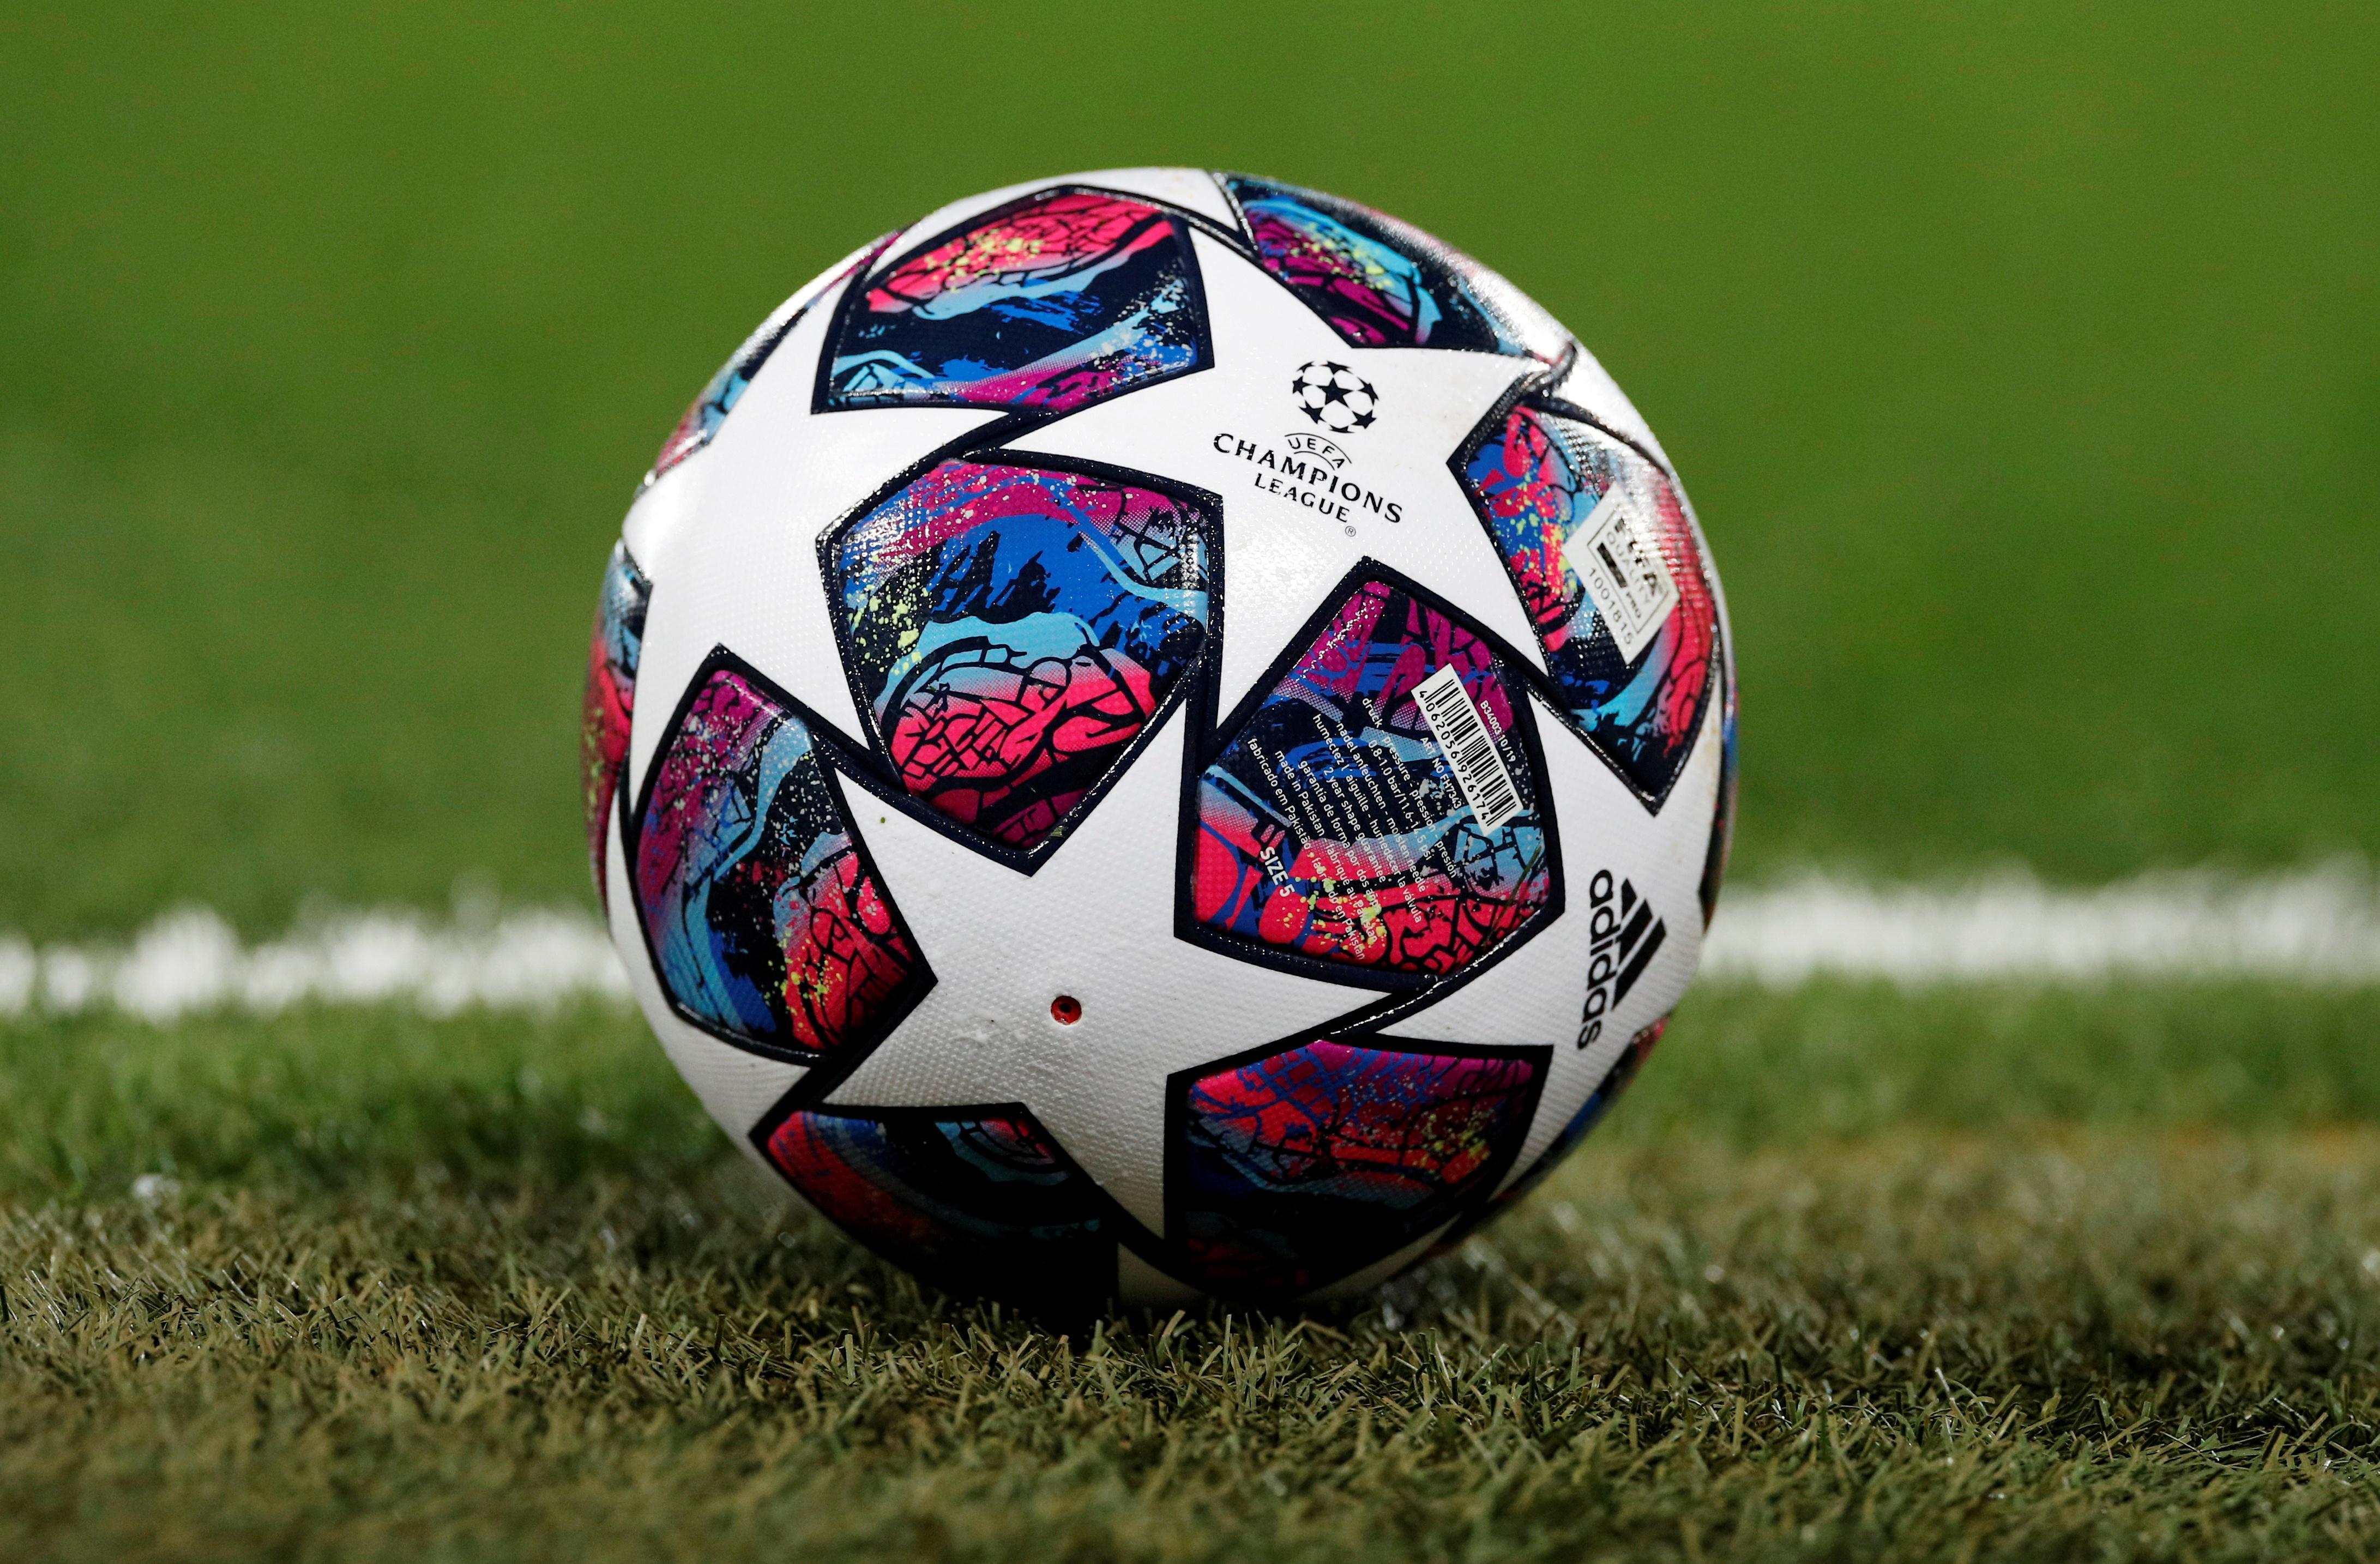 La UEFA hizo oficial el regreso de la Champions y la Europa League: dónde y  cuándo se jugarán los torneos en plena pandemia - Infobae